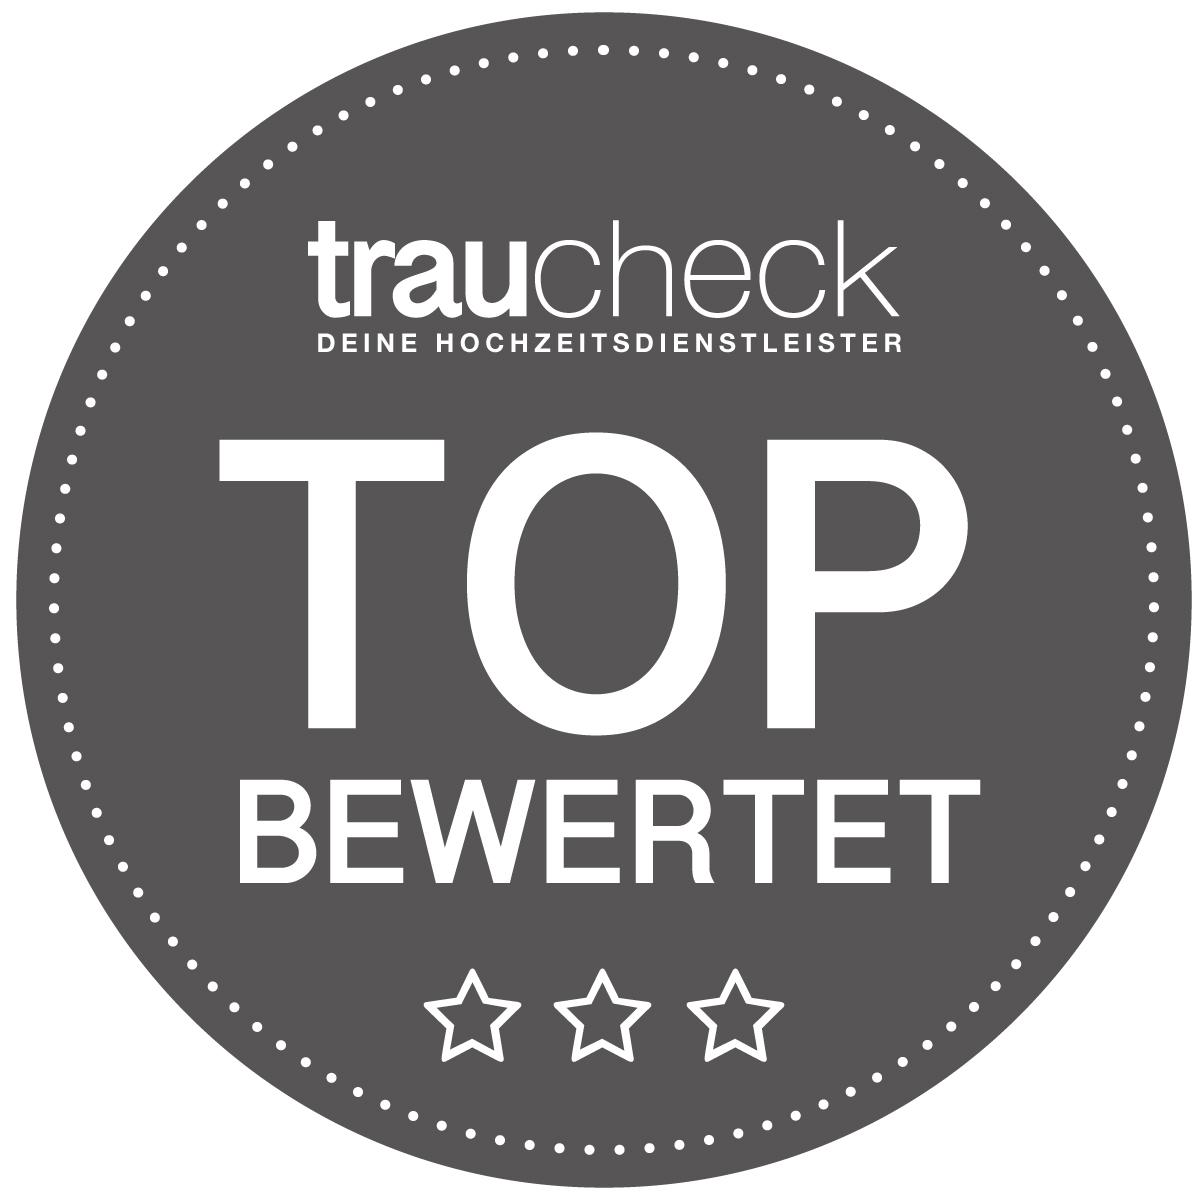 https://www.traucheck.de/anbieter/ganz-in-weise